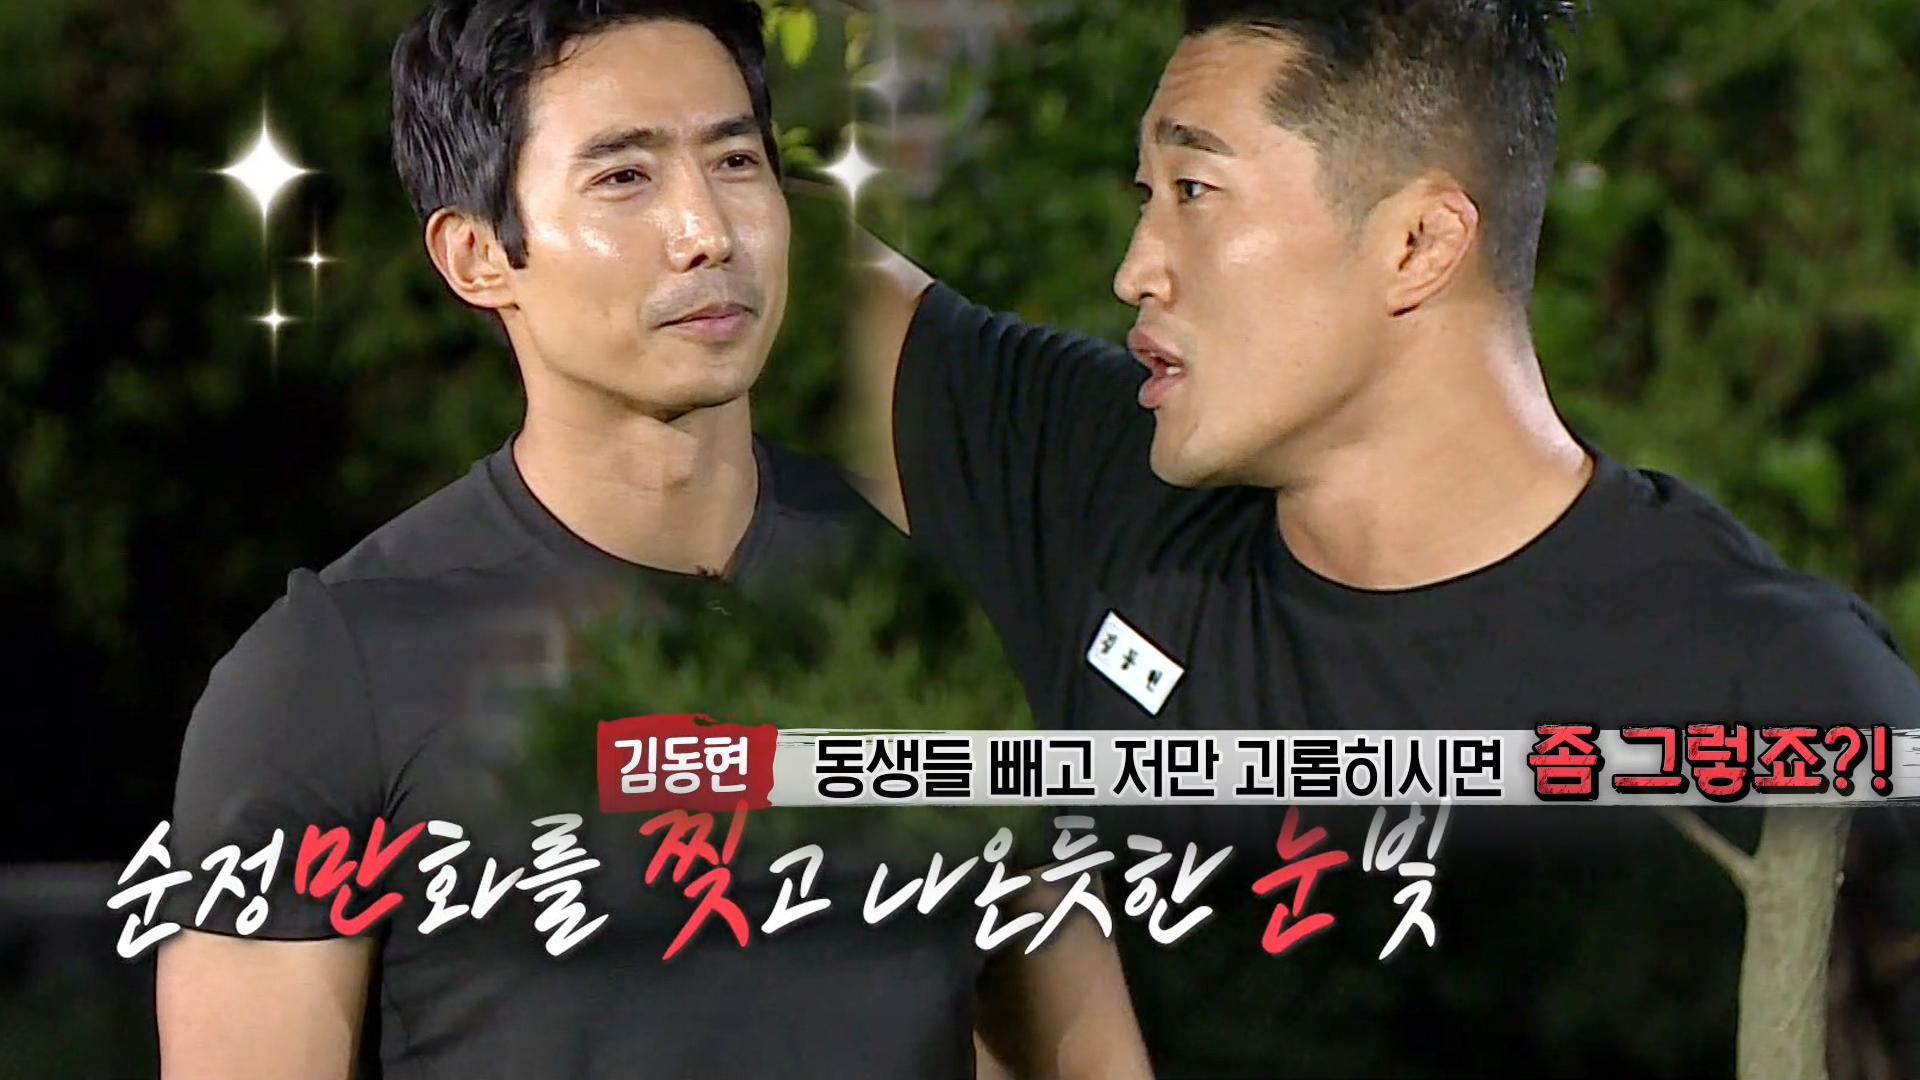 저만 괴롭히시면좀 그렇죠? 김동현, 자신 때문에 왔다는 이근 대위에 한마디!